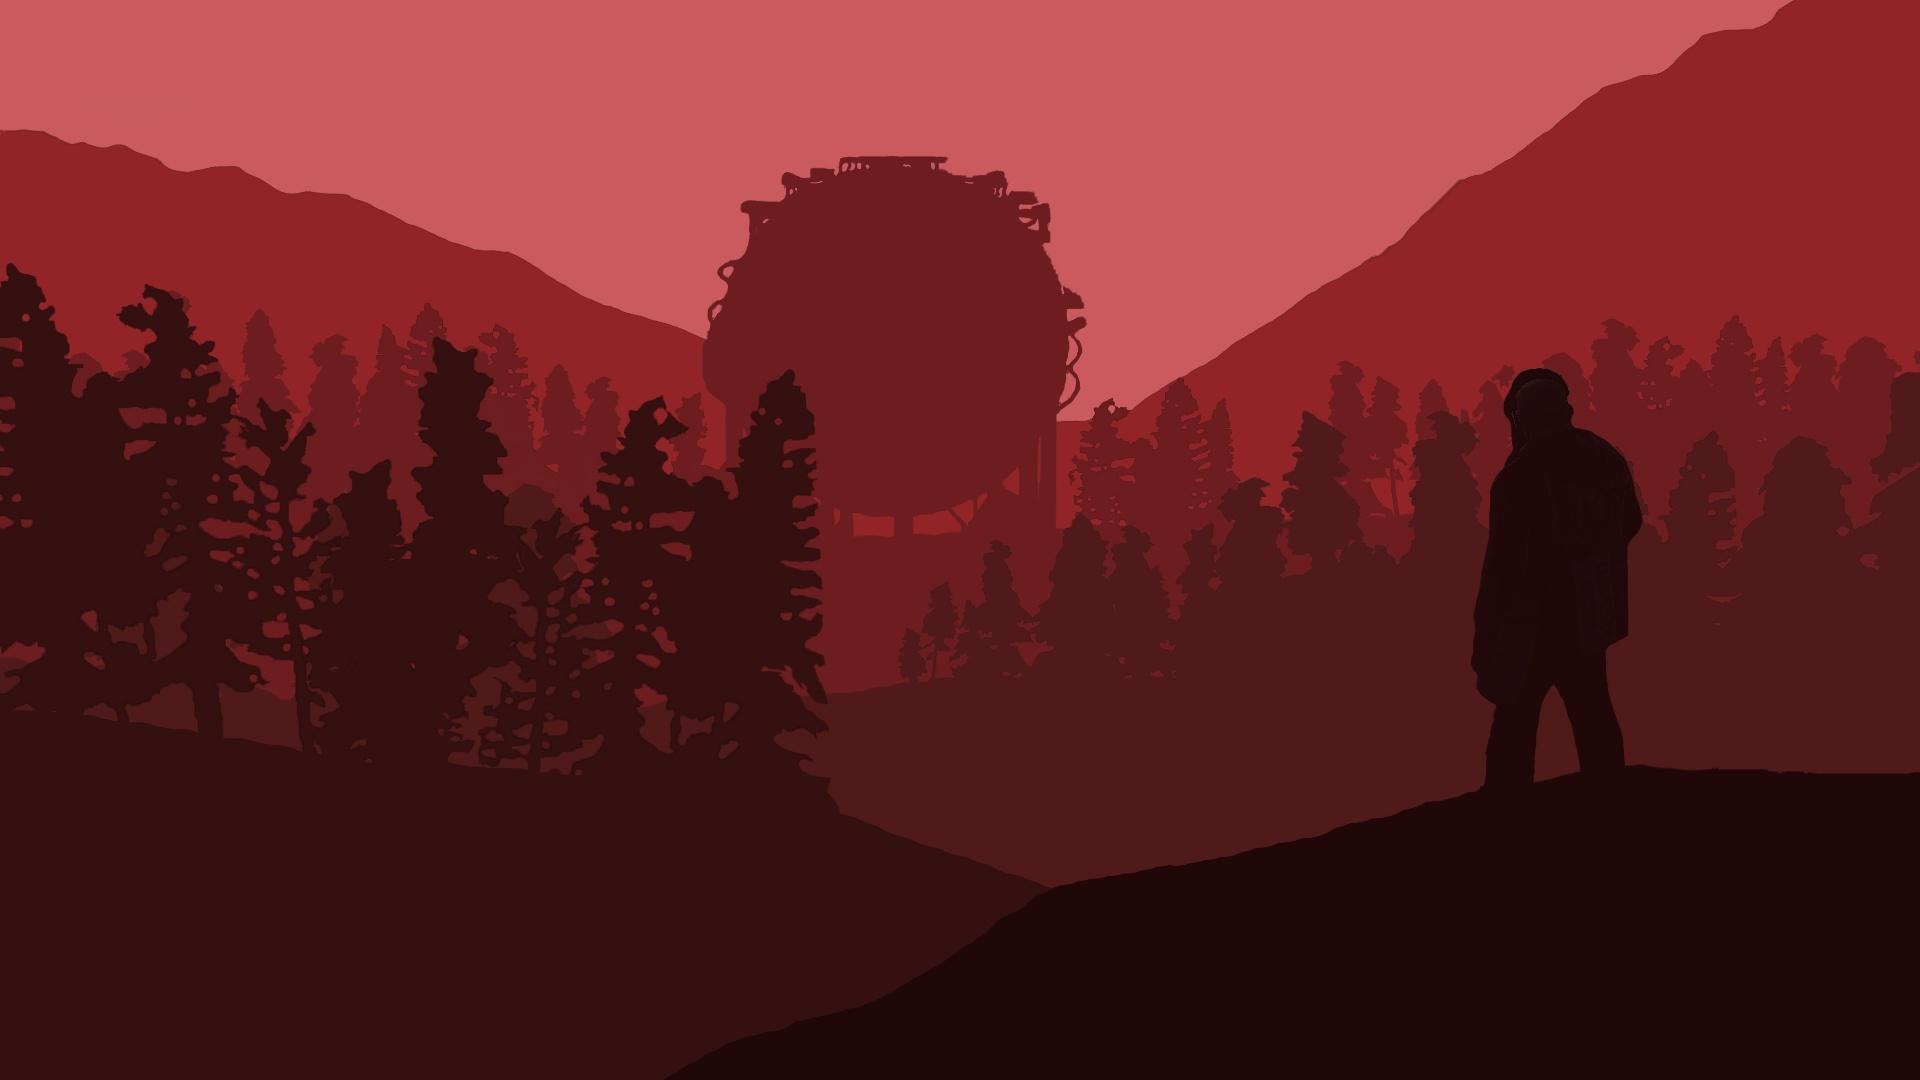 Rust desktop background